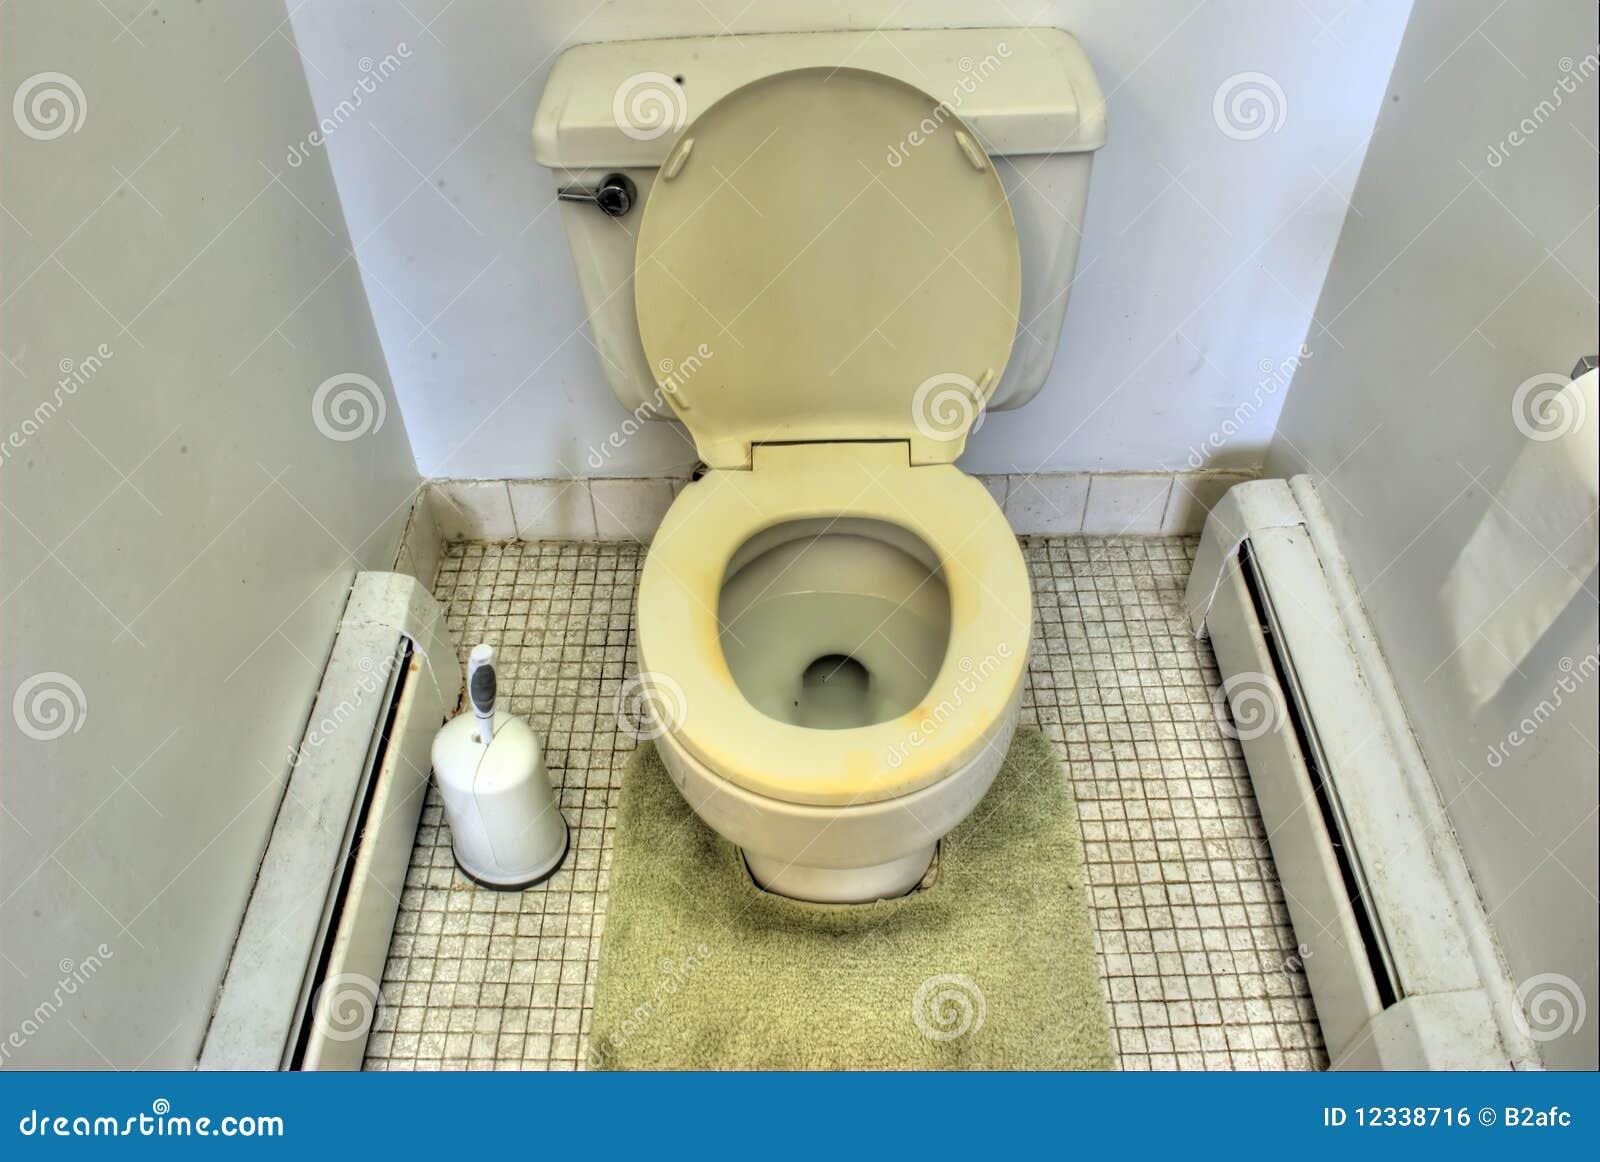 Dirty Public Bathrooms